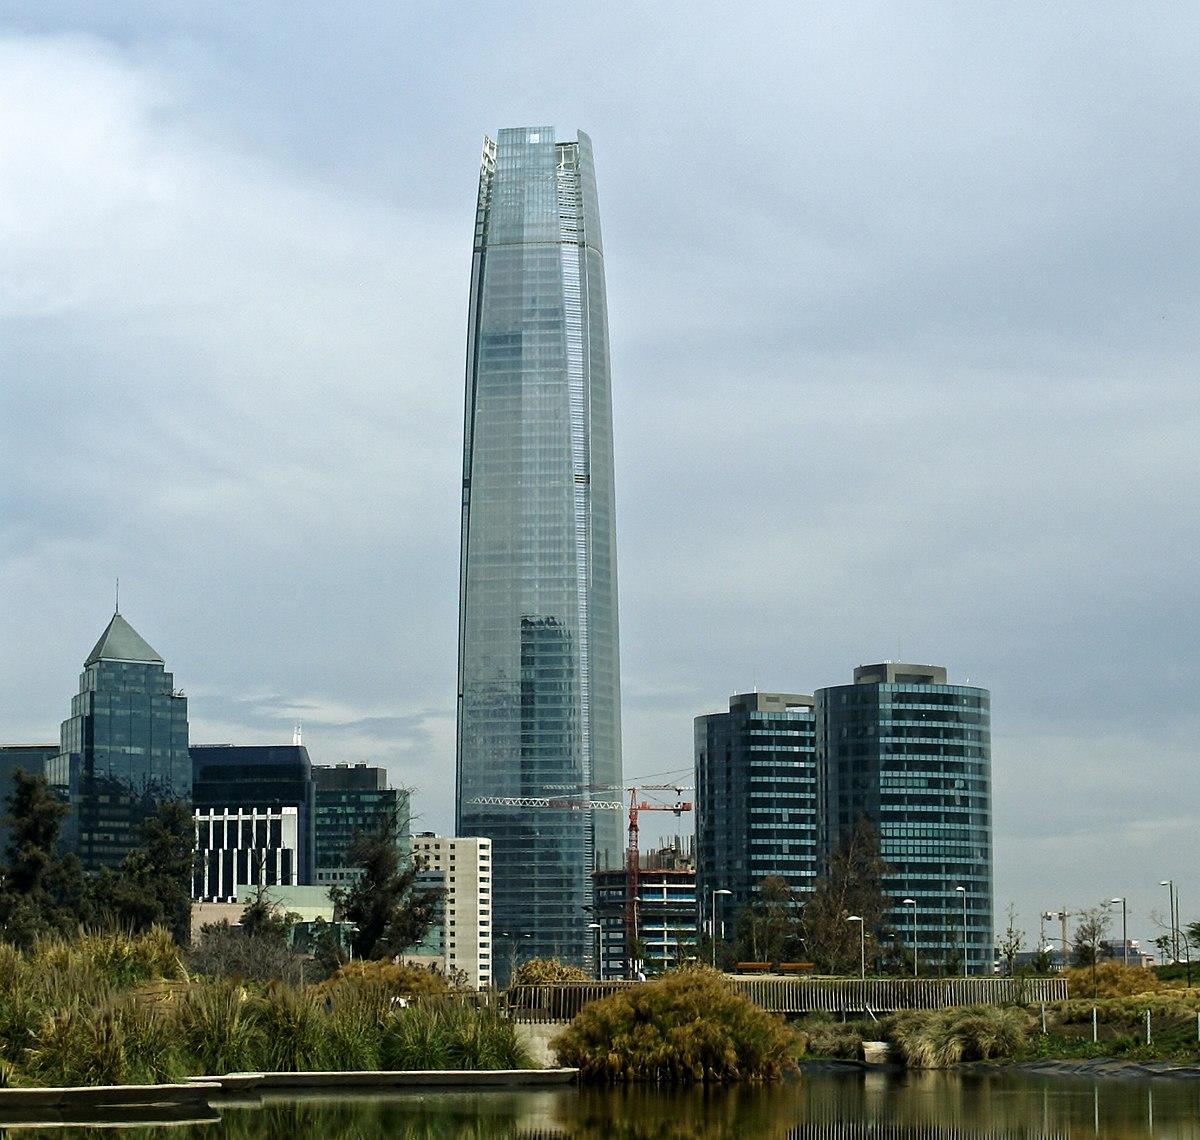 Gran torre santiago wikipedia la enciclopedia libre for Construccion de piscinas santiago chile